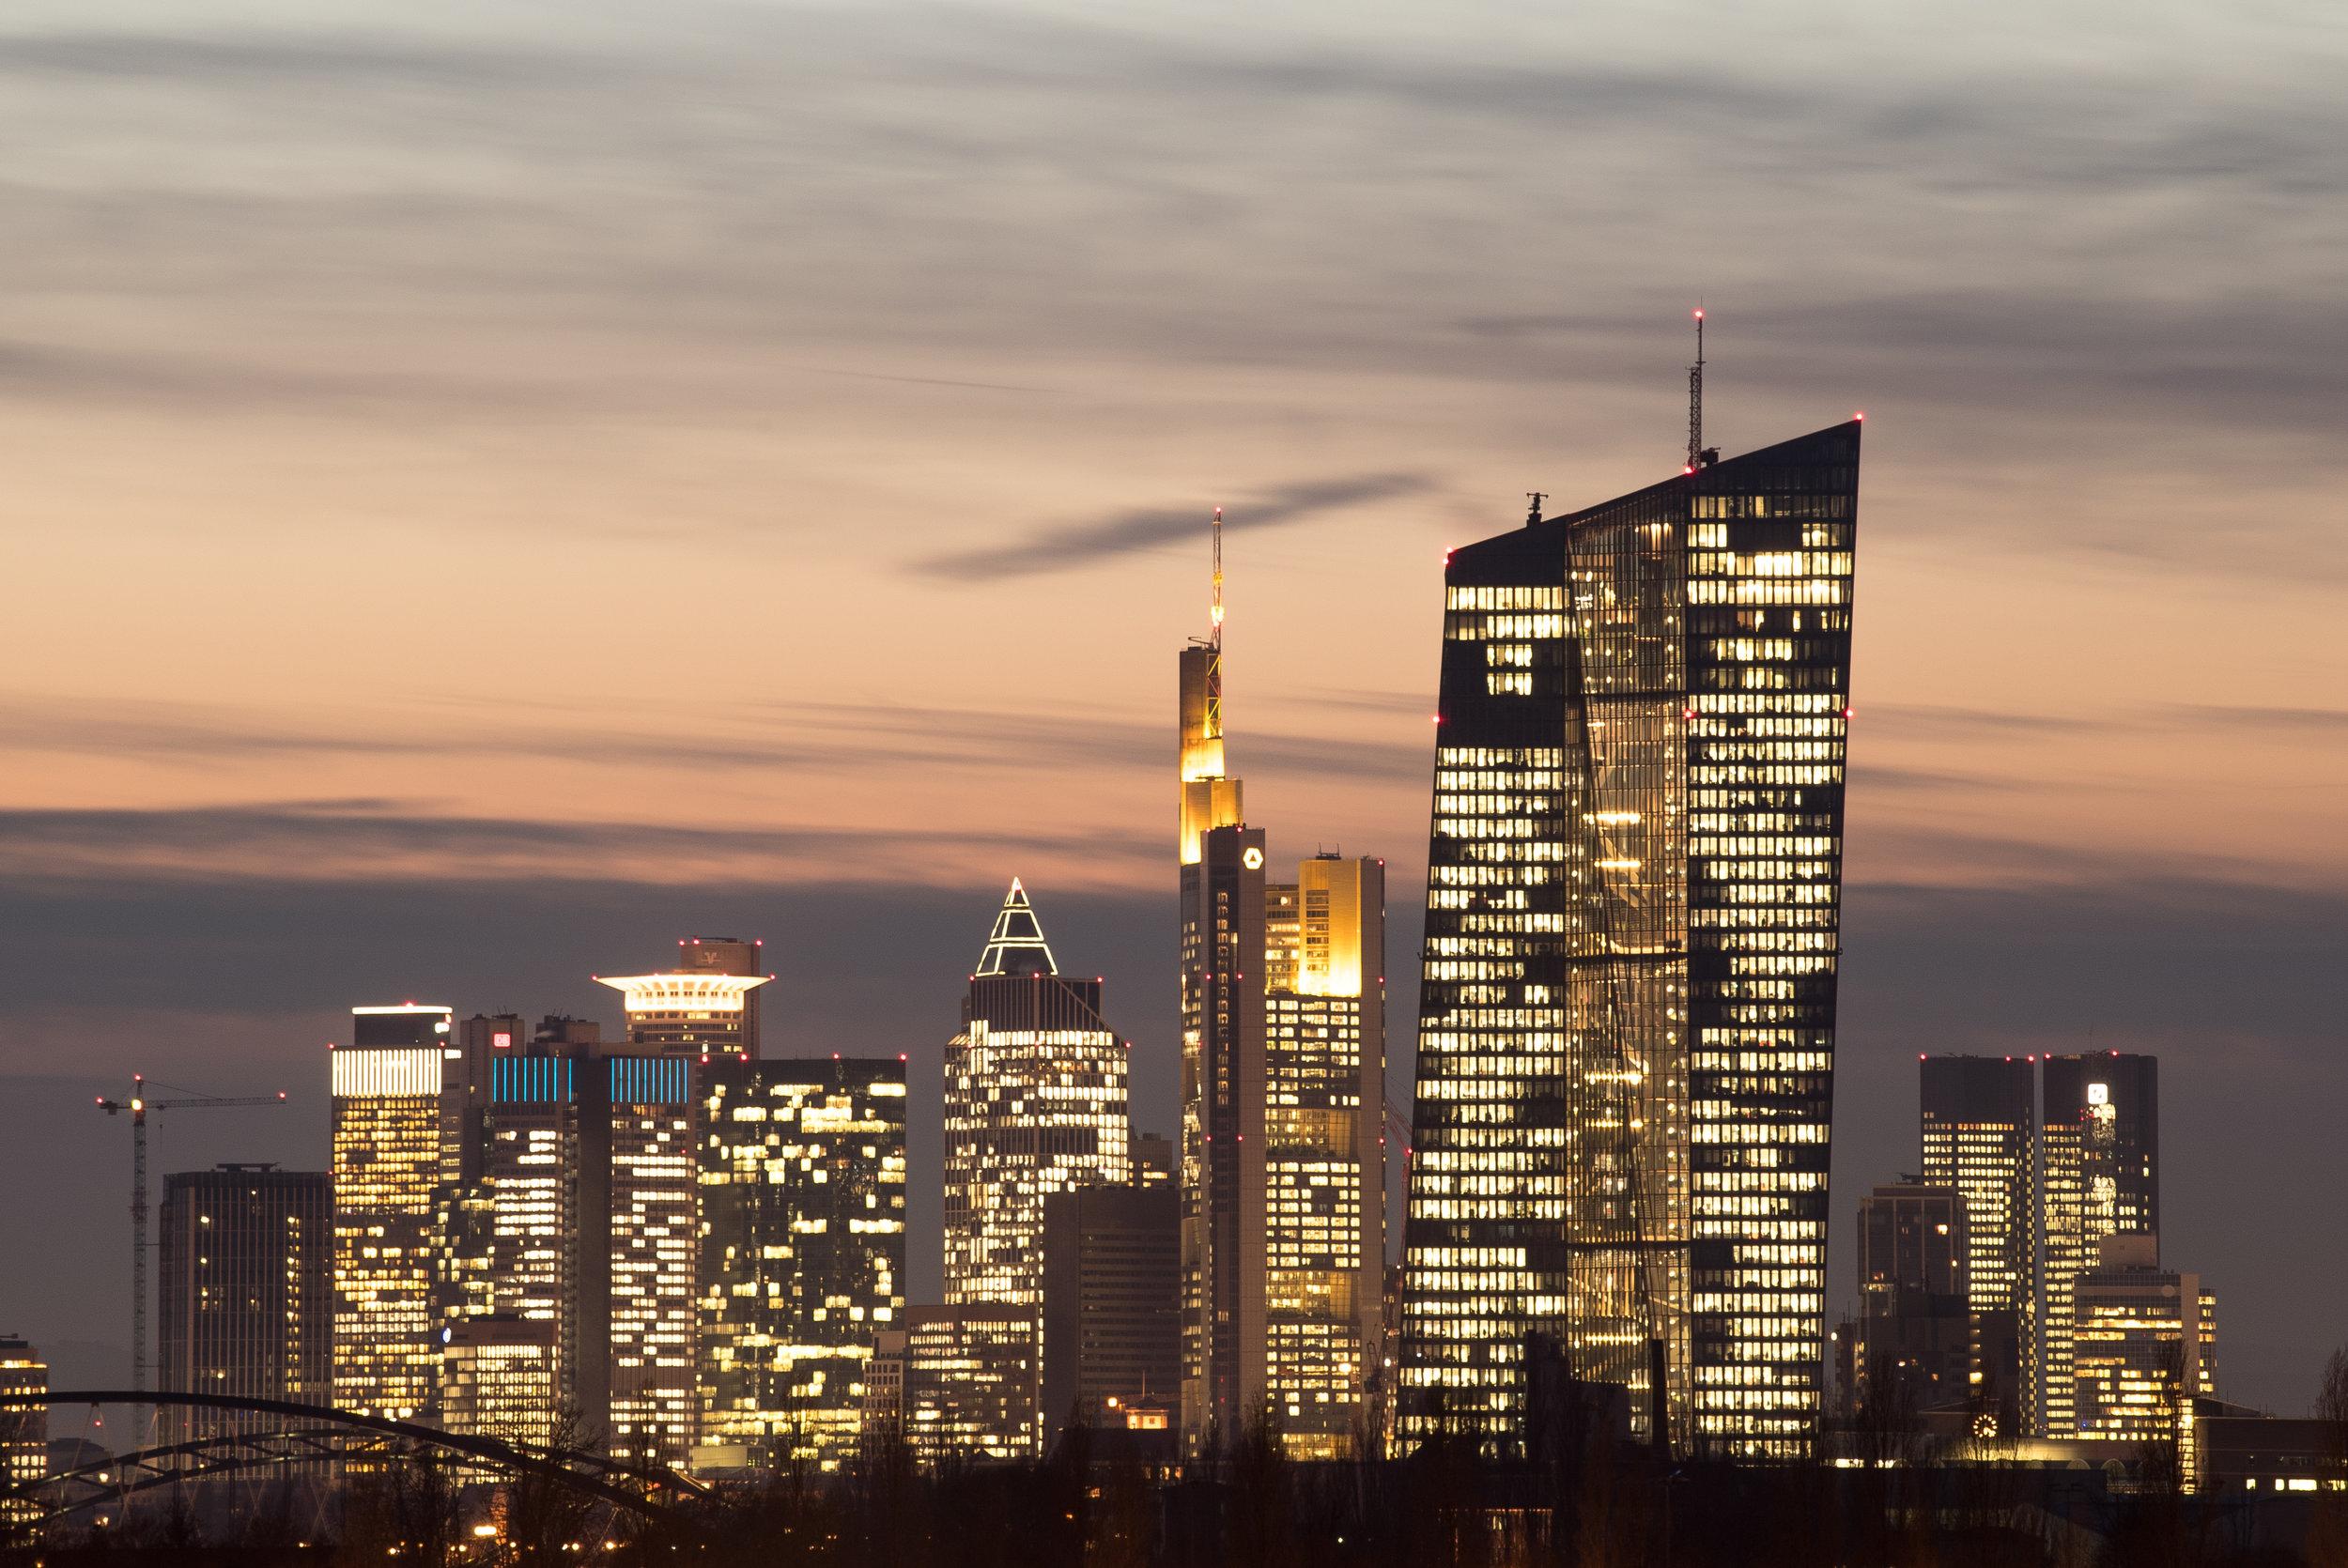 Bankenskyline Frankfurt.